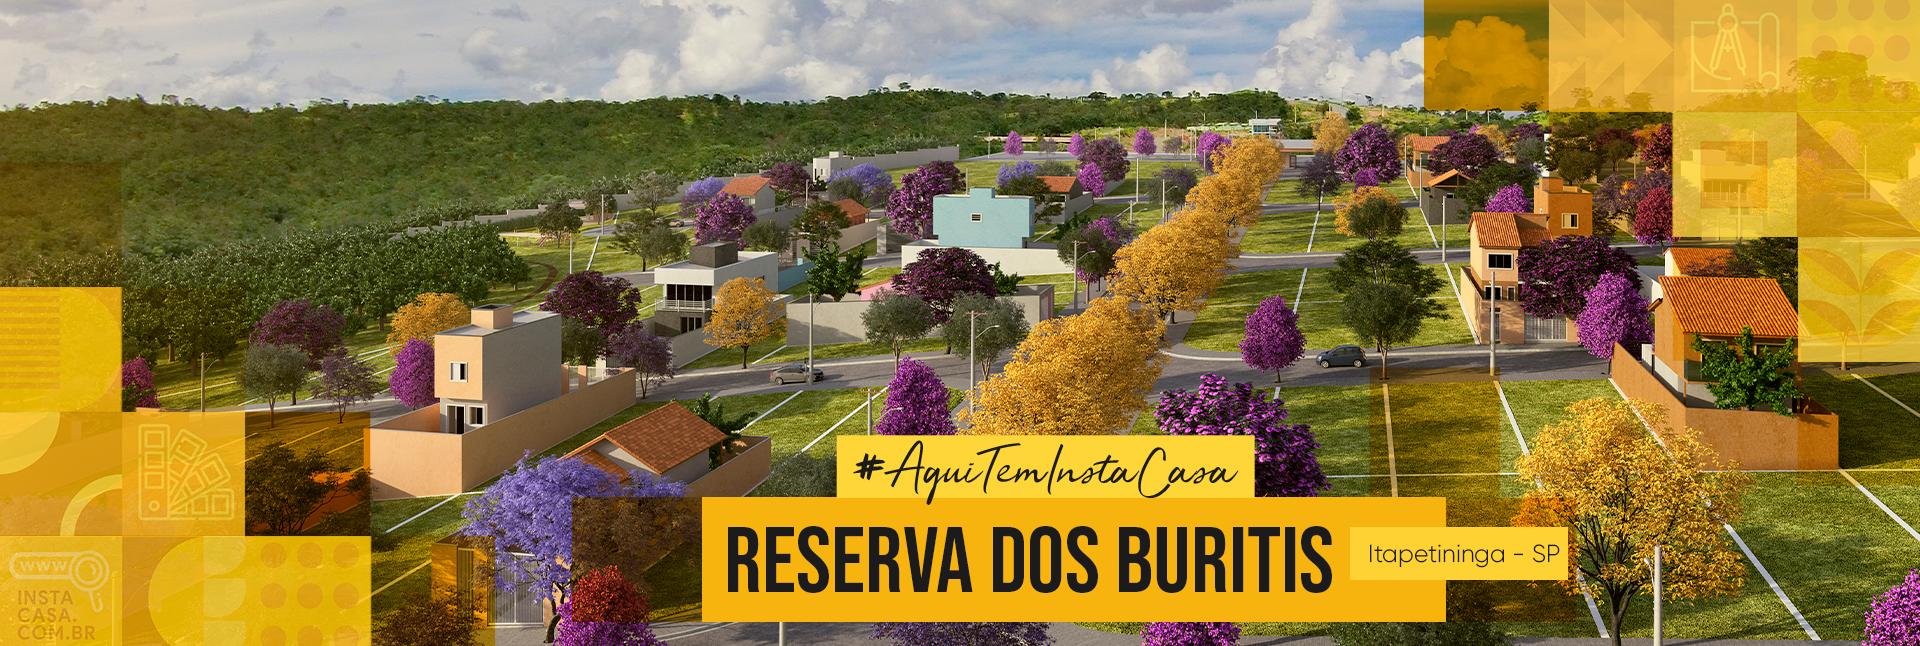 Reserva dos Buritis